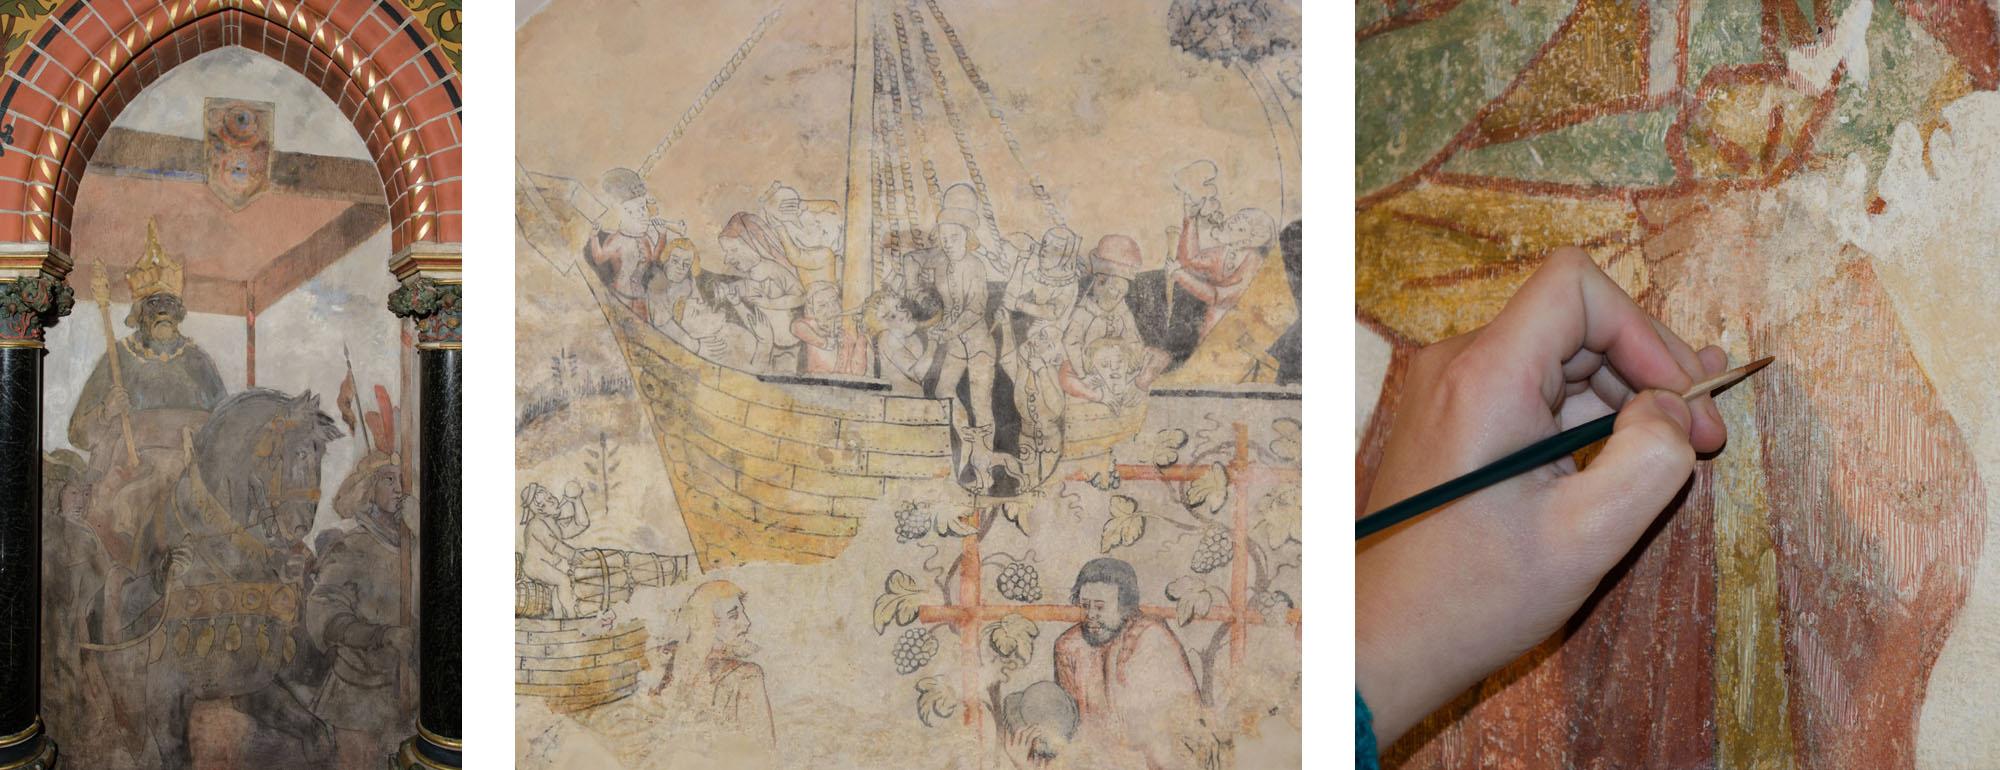 """Restaurierung von Wandmalerei. Links: Blendenmalerei, Bürgerschaftssaal, Rathaus zu Lübeck. Mitte: Koggenmalerei, Rathauskeller Wismar. Rechts: Strichretusche, """"Weltgericht"""" in der Stadtkirche Sternberg."""